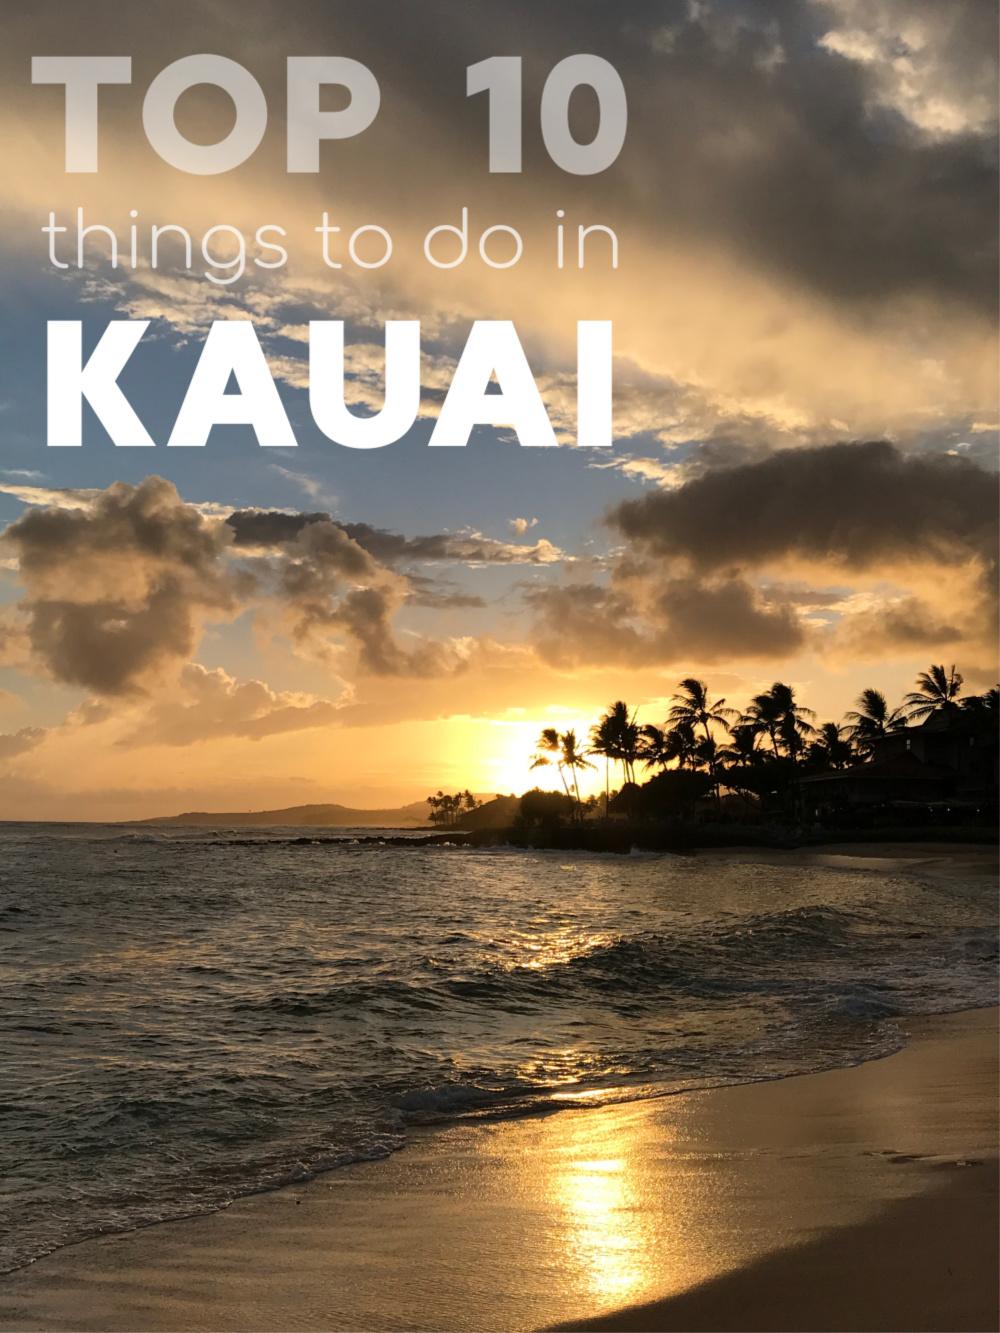 Top 10 Things to do in Kauai